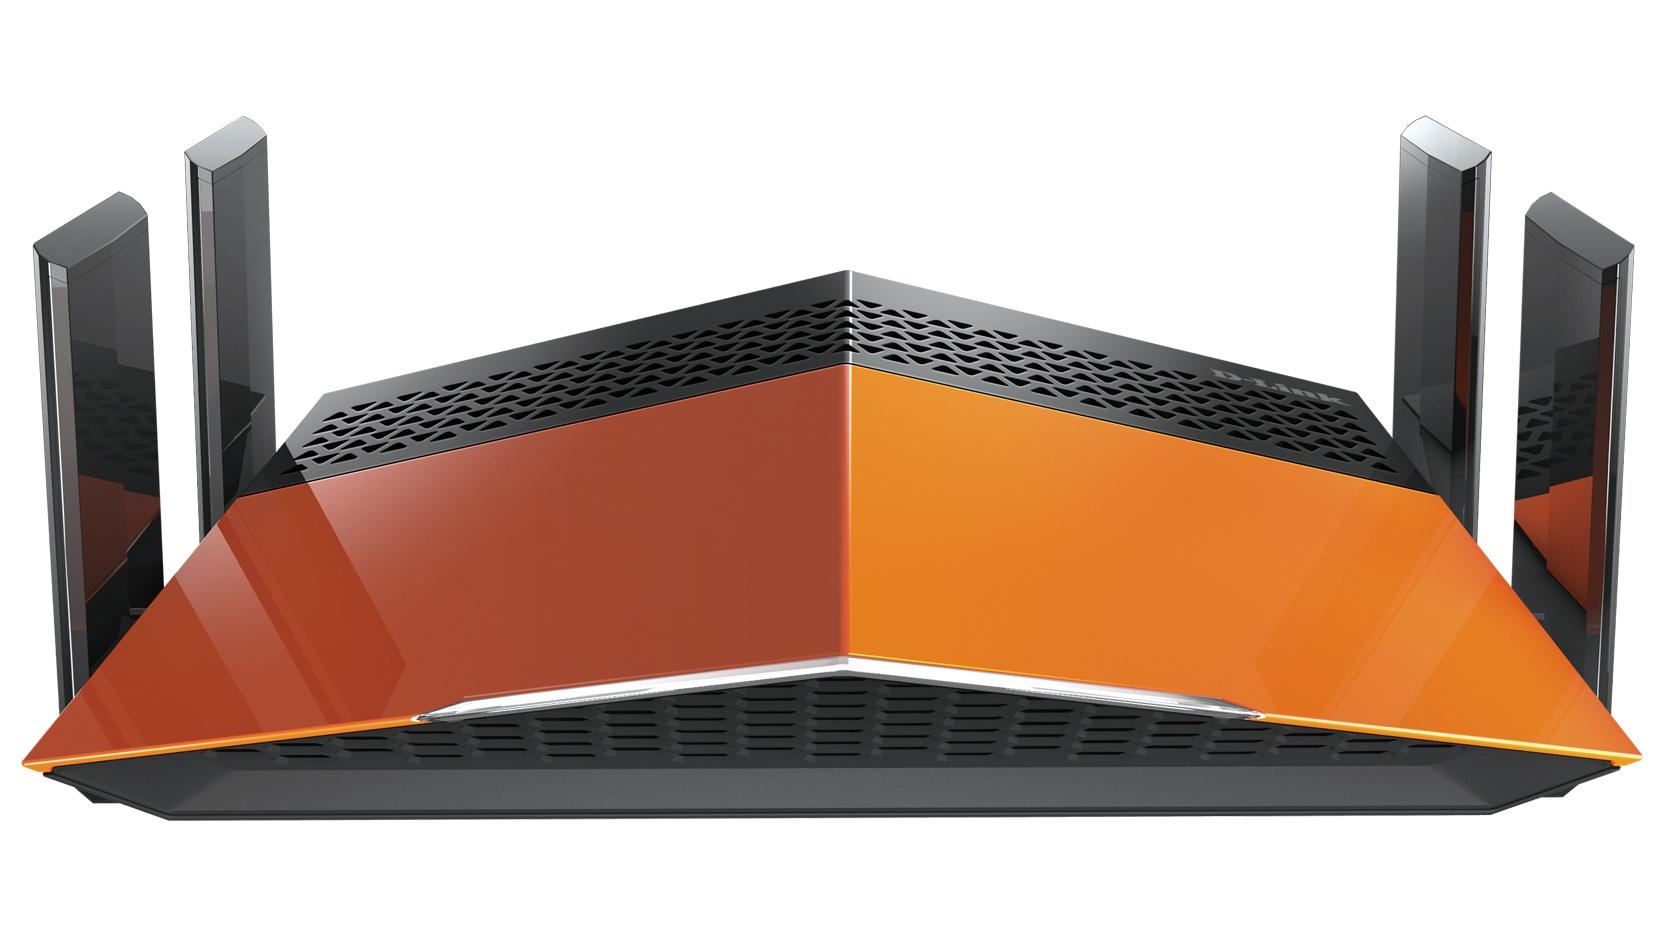 D-Link AC1900 EXO Dual-band (2.4 GHz / 5 GHz) Gigabit Ethernet Black,Orange